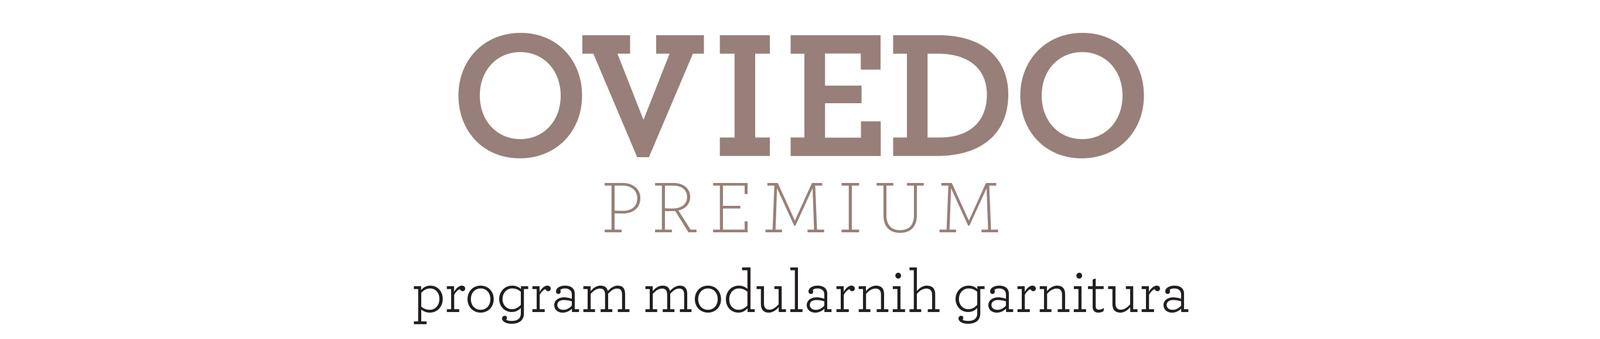 oviedo-premium-garniture-naslov